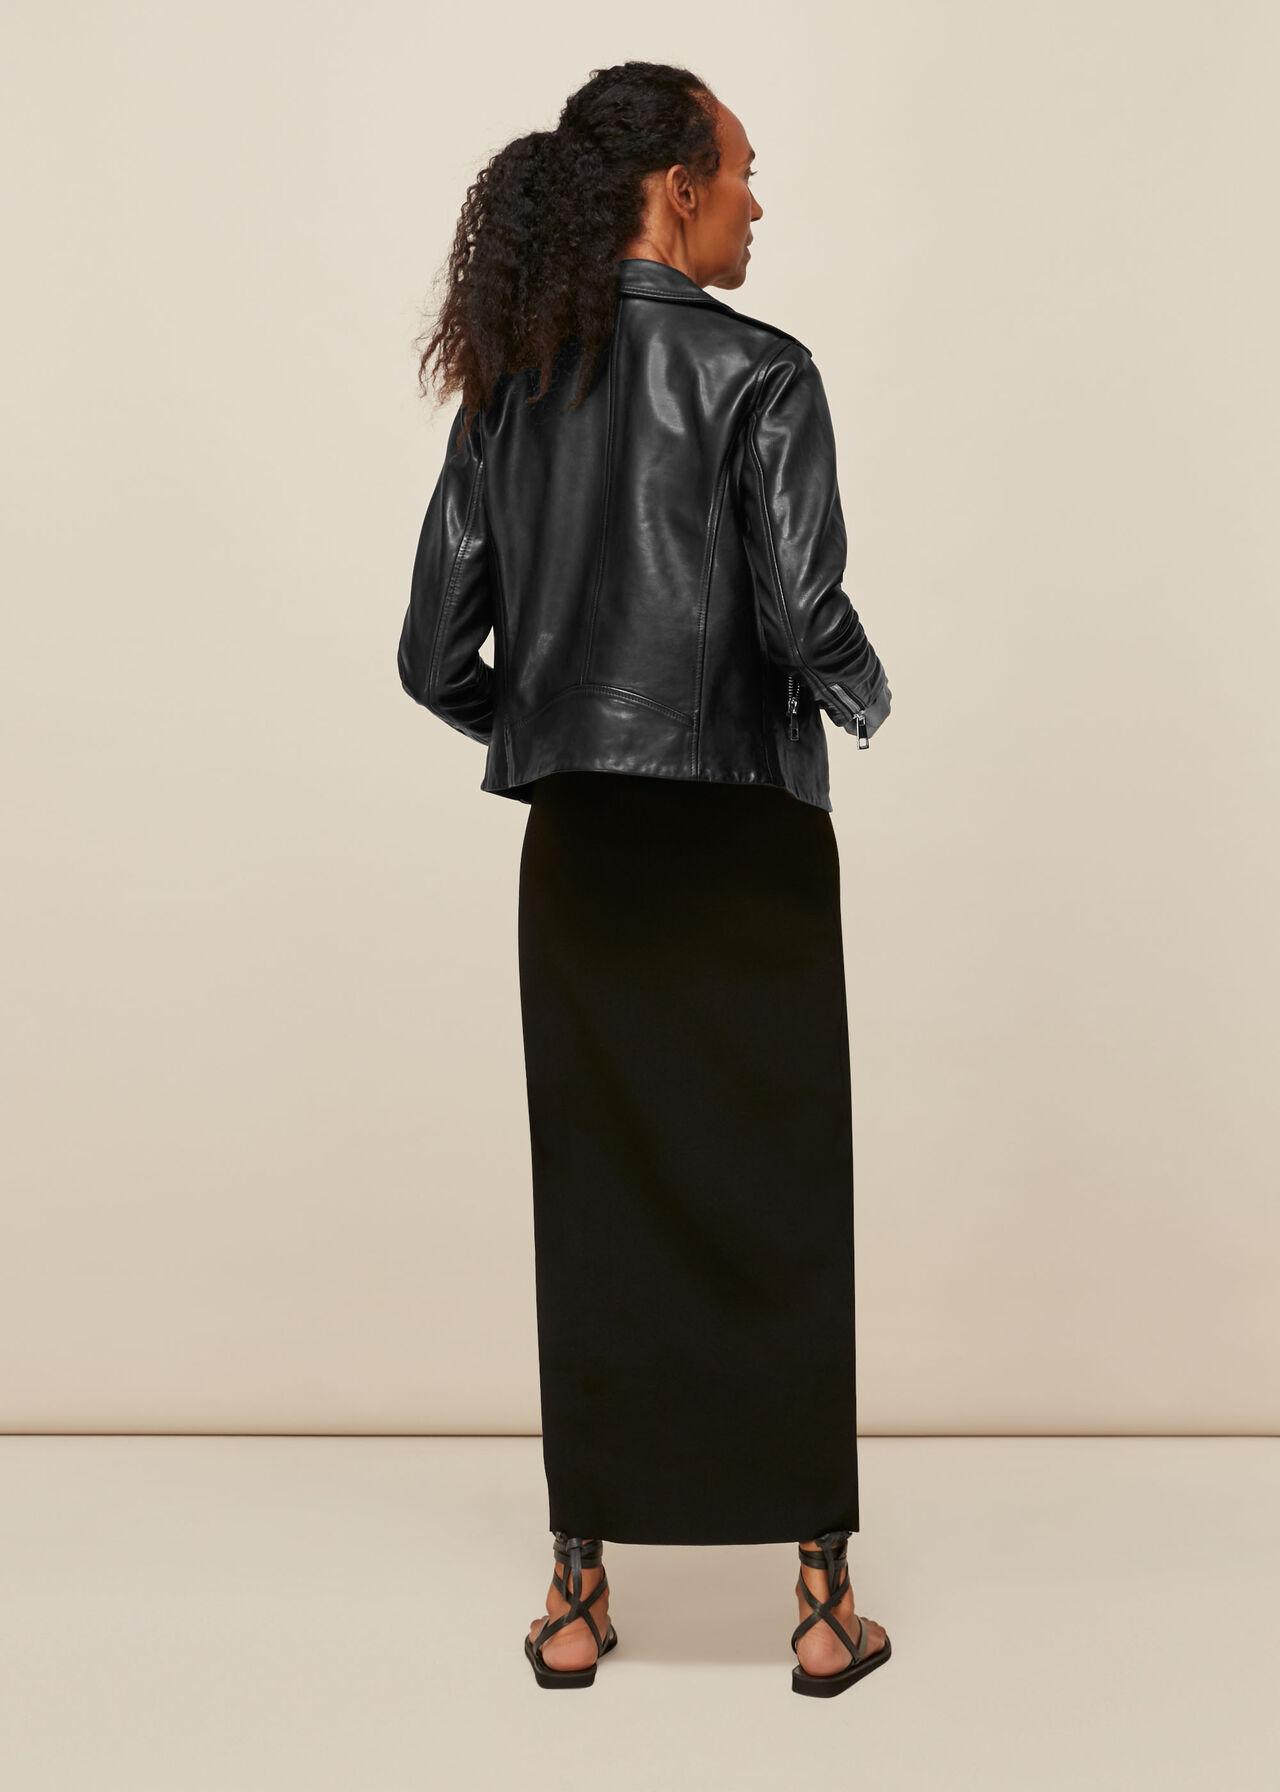 Agnes Pocket Leather Jacket Black